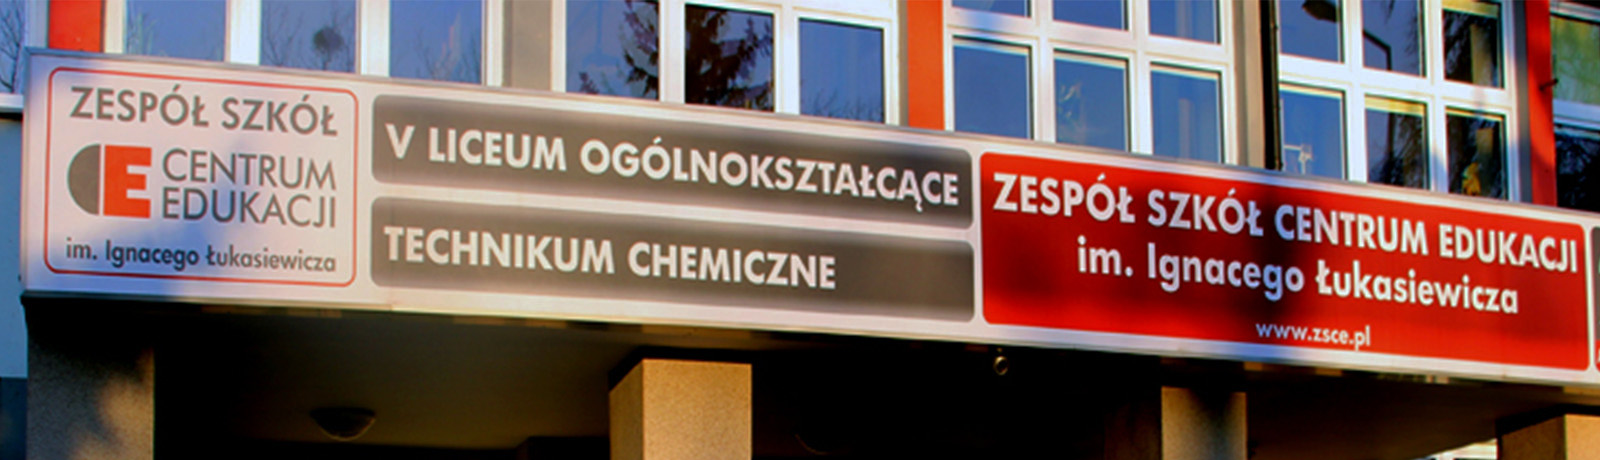 Zespół Szkół Centrum Edukacji im. Ignacego Łukasiewicza w Płocku